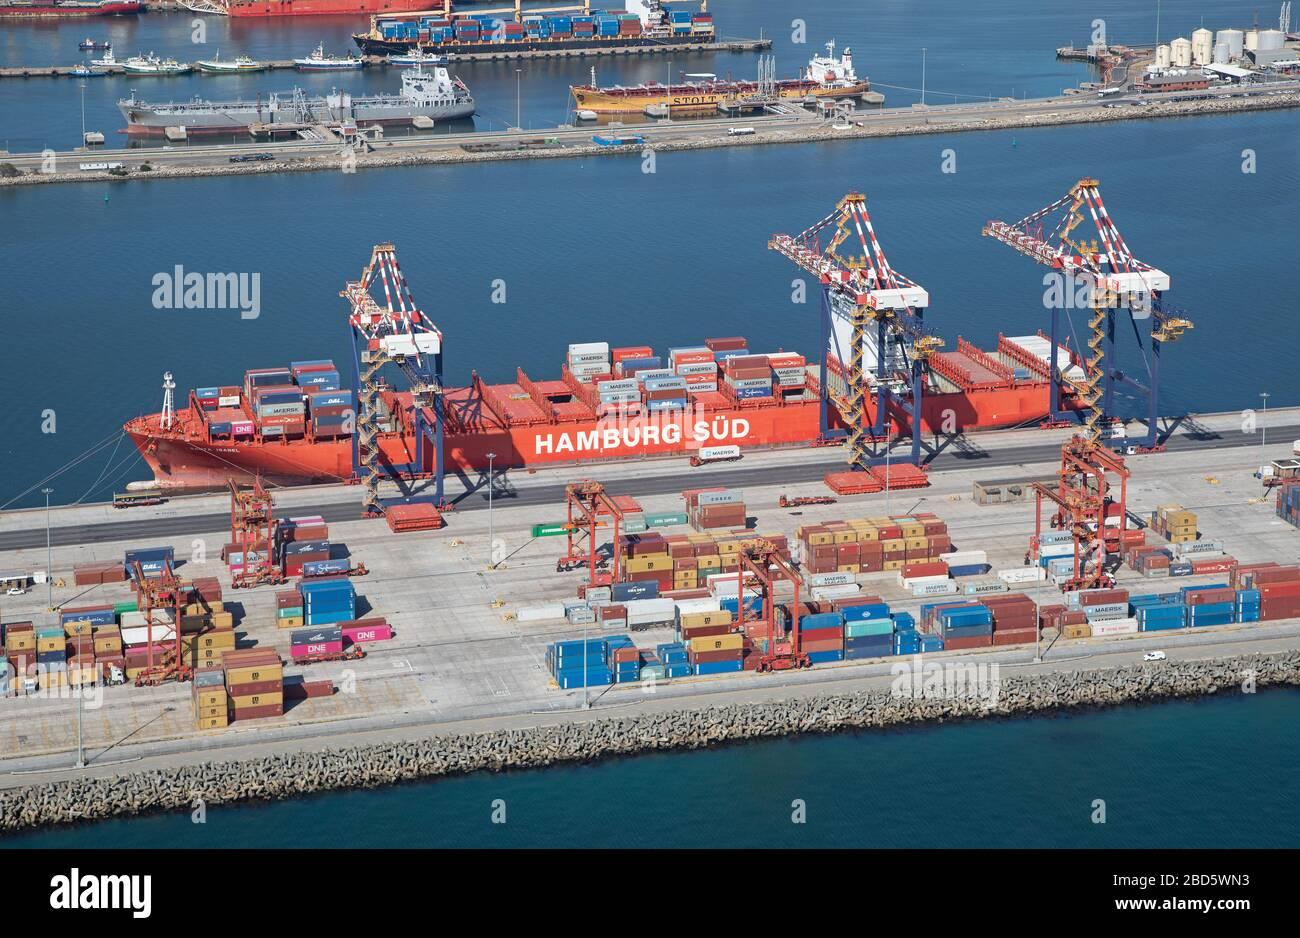 Luftaufnahme von Kranen und Containerschiffen am Cape Town Harbour Container Terminal Stockfoto